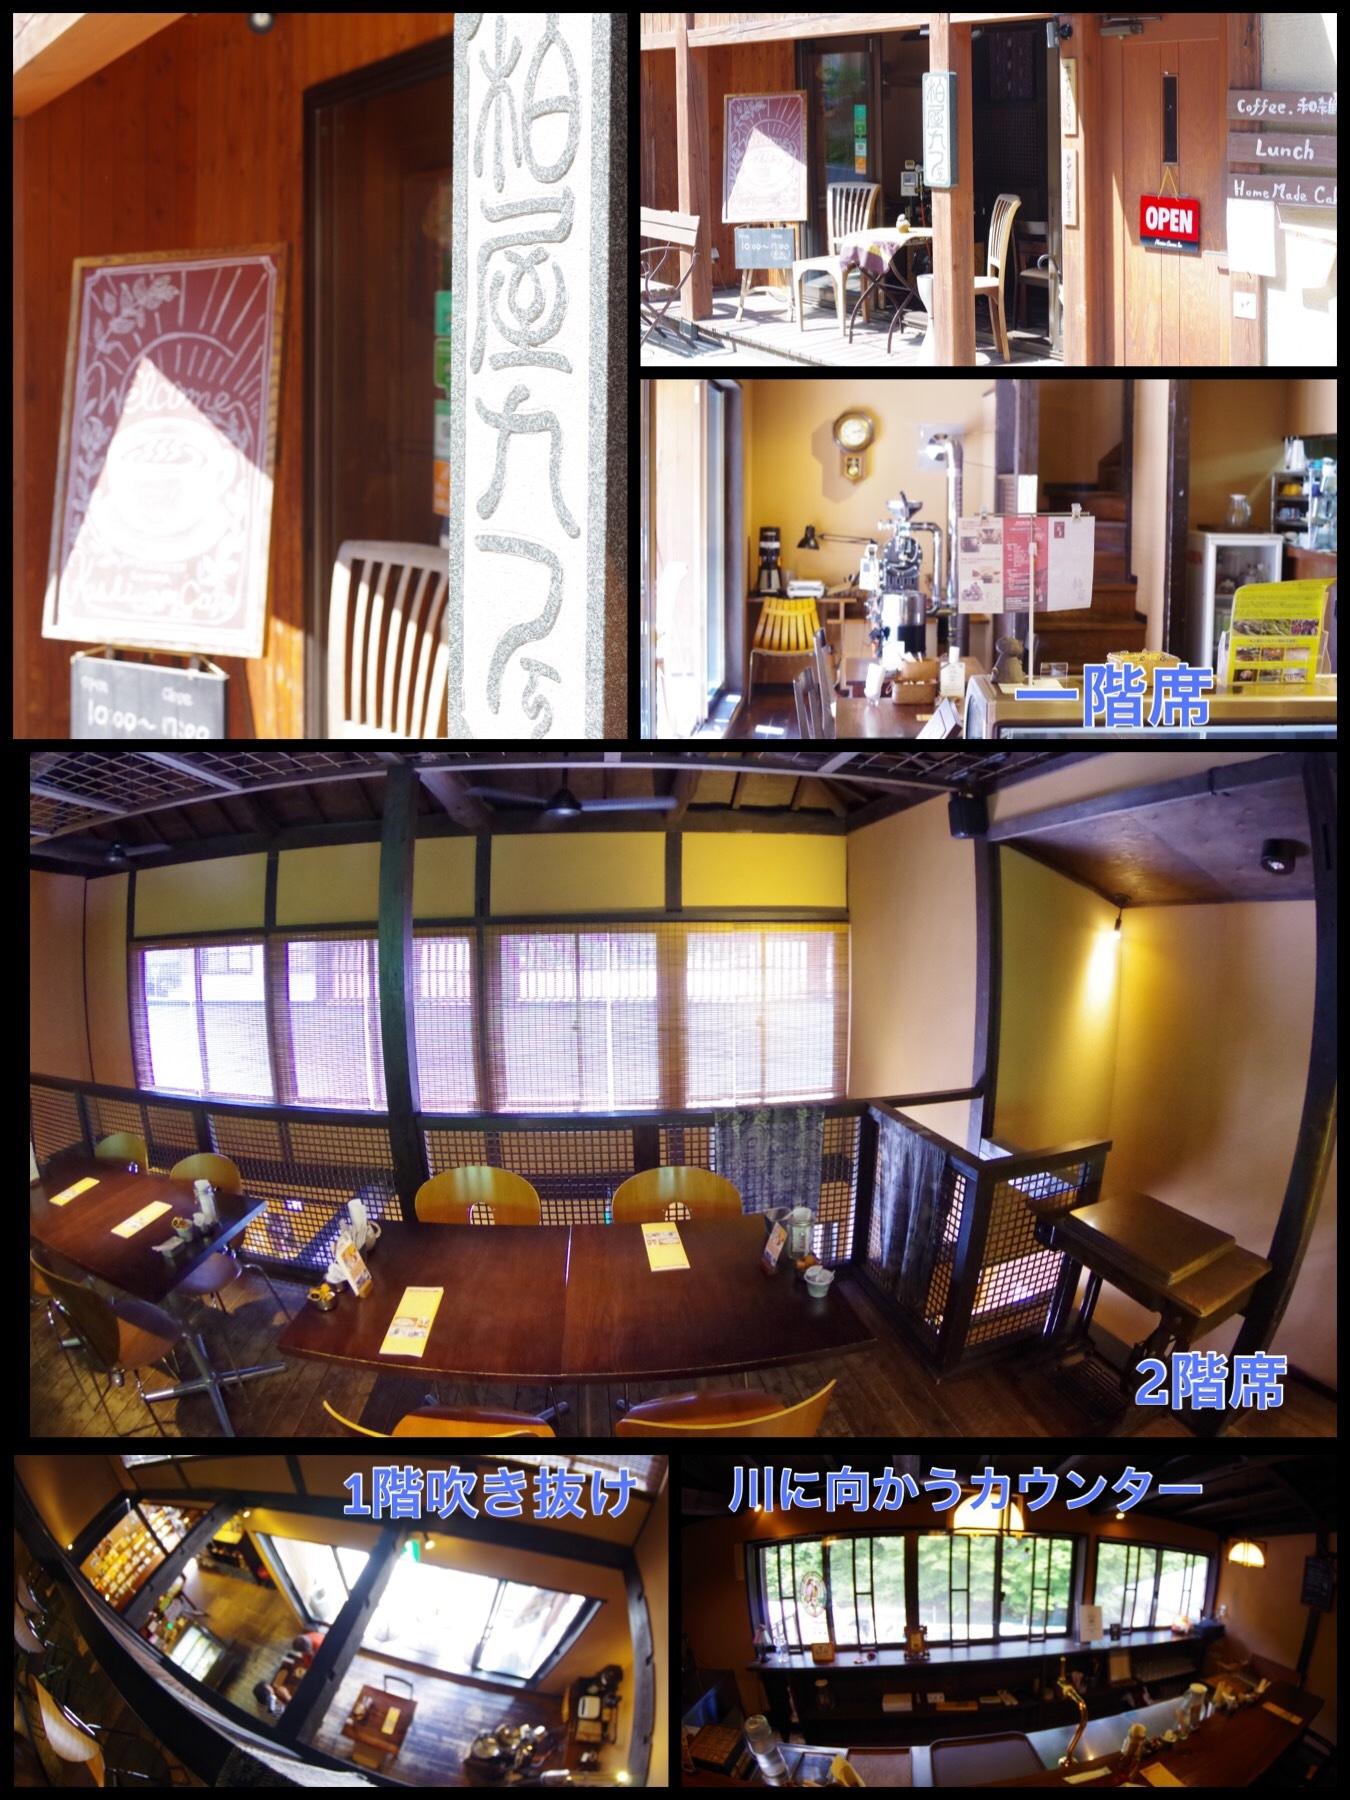 四万温泉 Shima blue 宿泊記 四万温泉街 柏屋カフェ